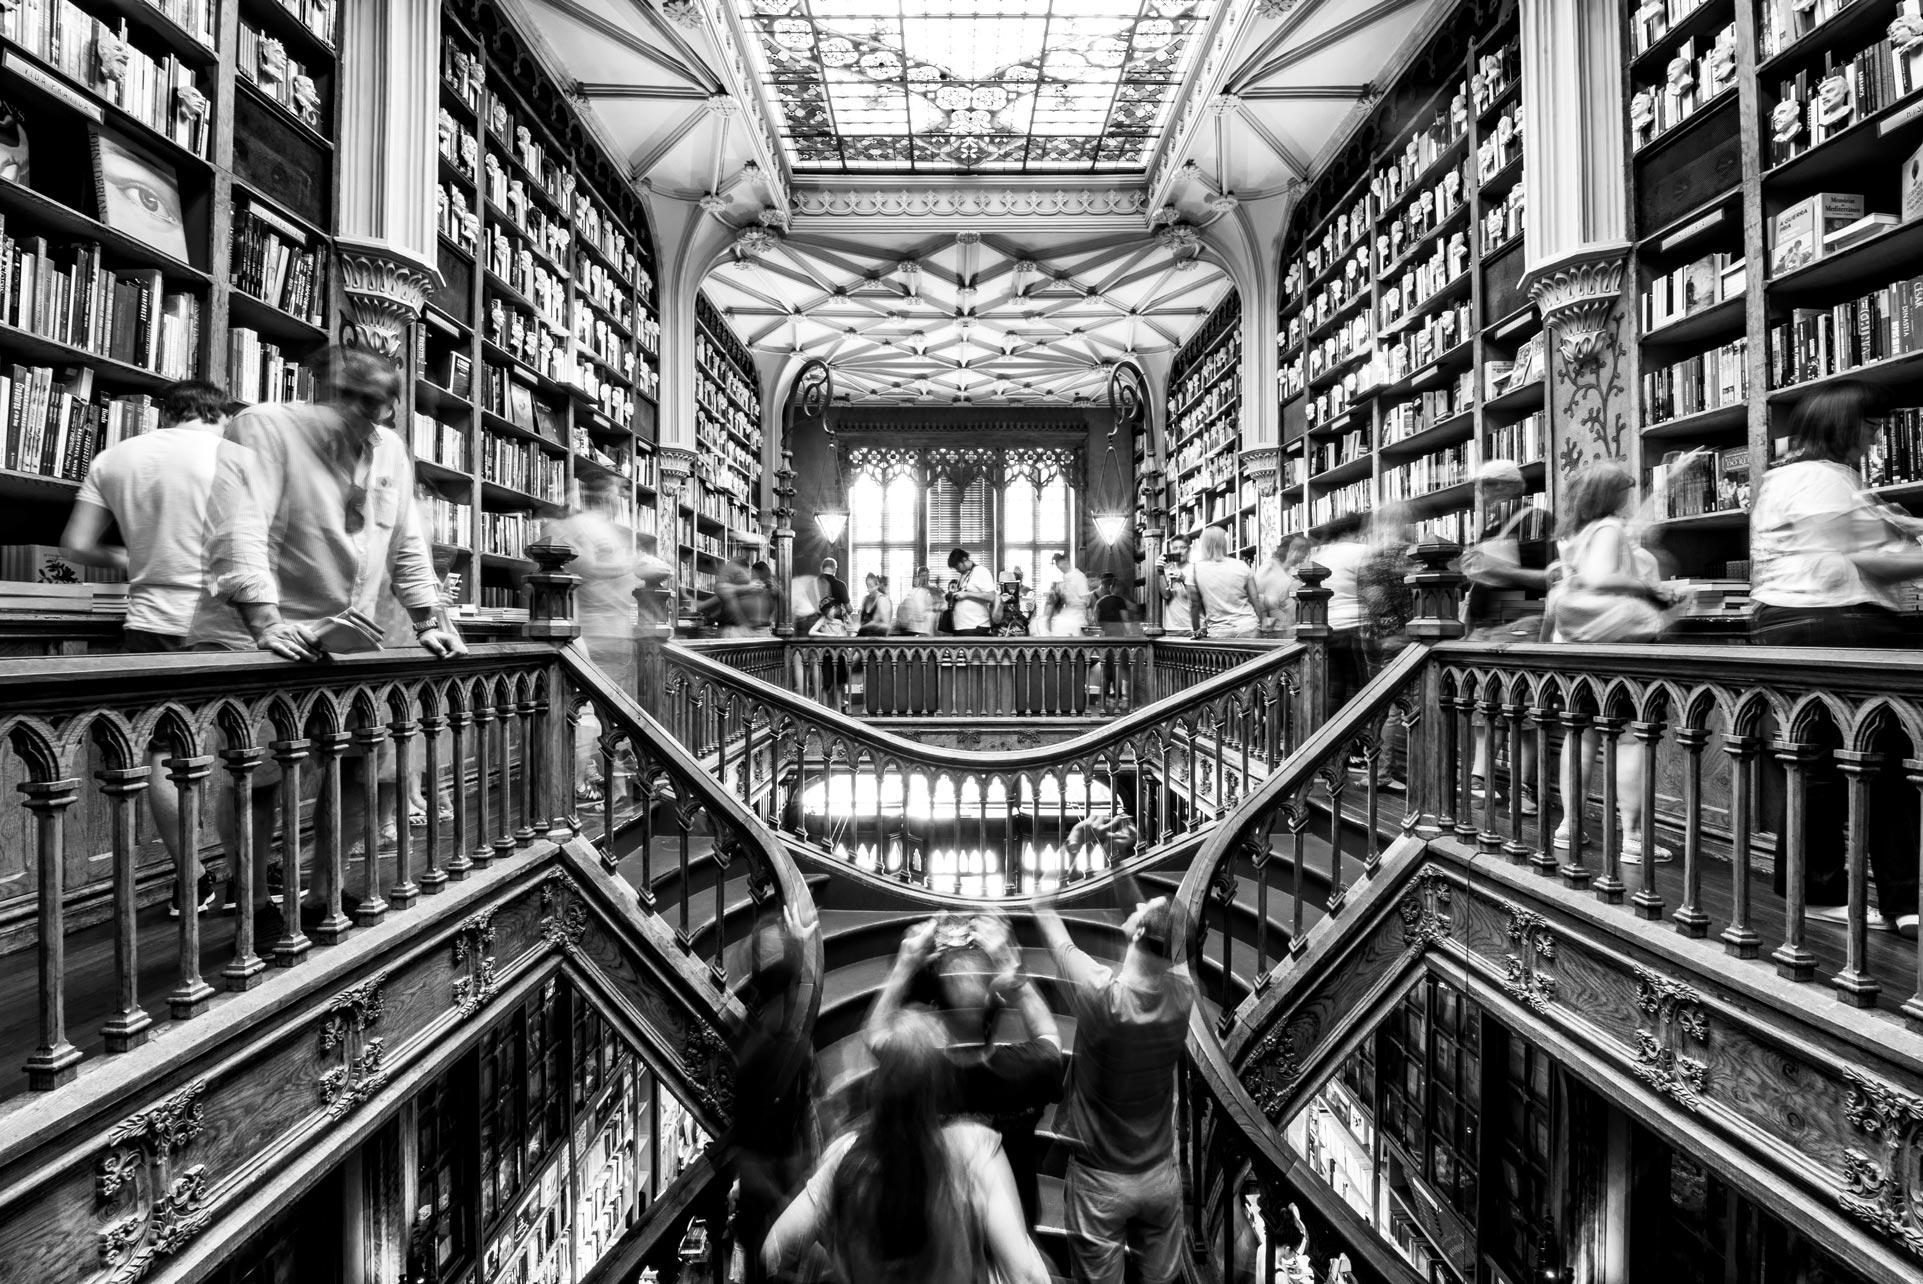 Paesaggi-Portogallo - DSC 2473 - Libreria Lello Porto - Libreria Lello Porto